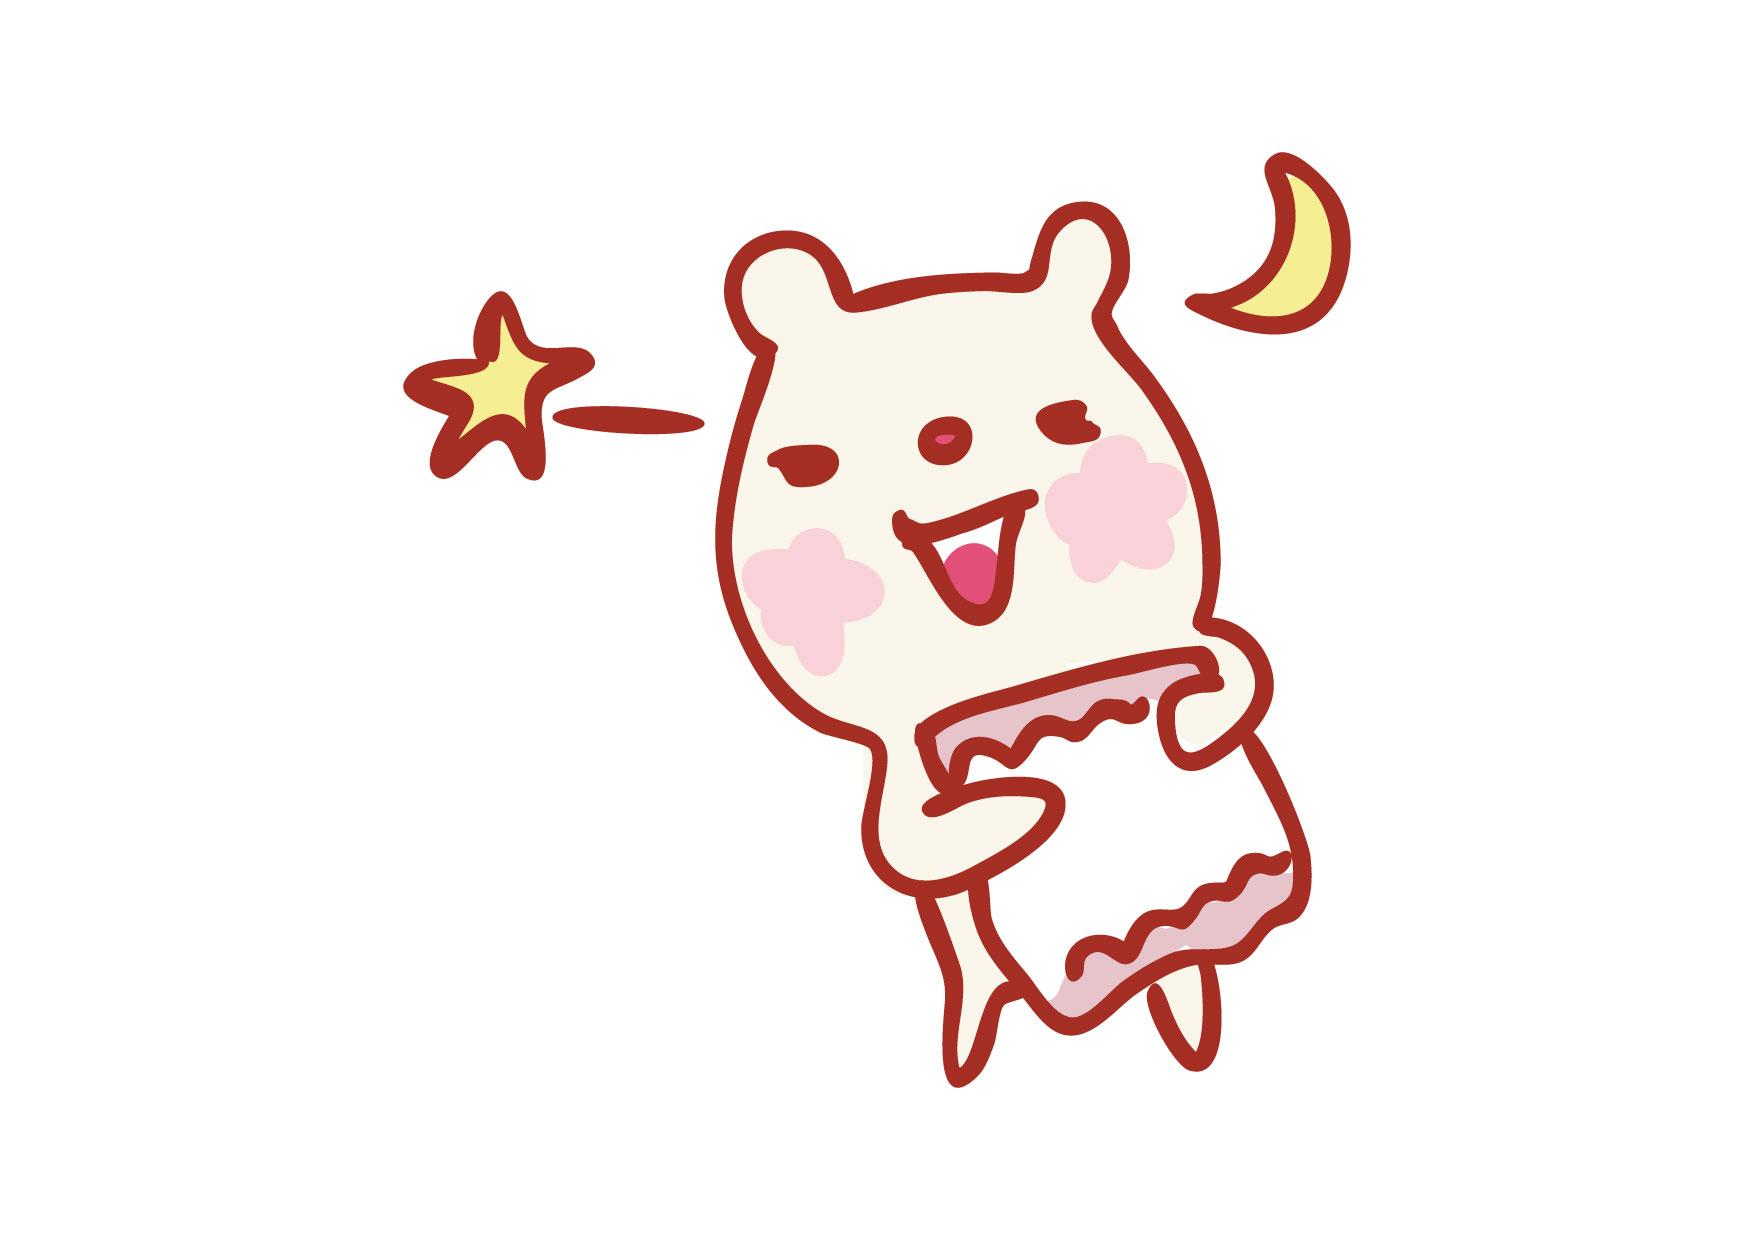 可愛いイラスト無料|くまさん おやすみ − free illustration Bear good night